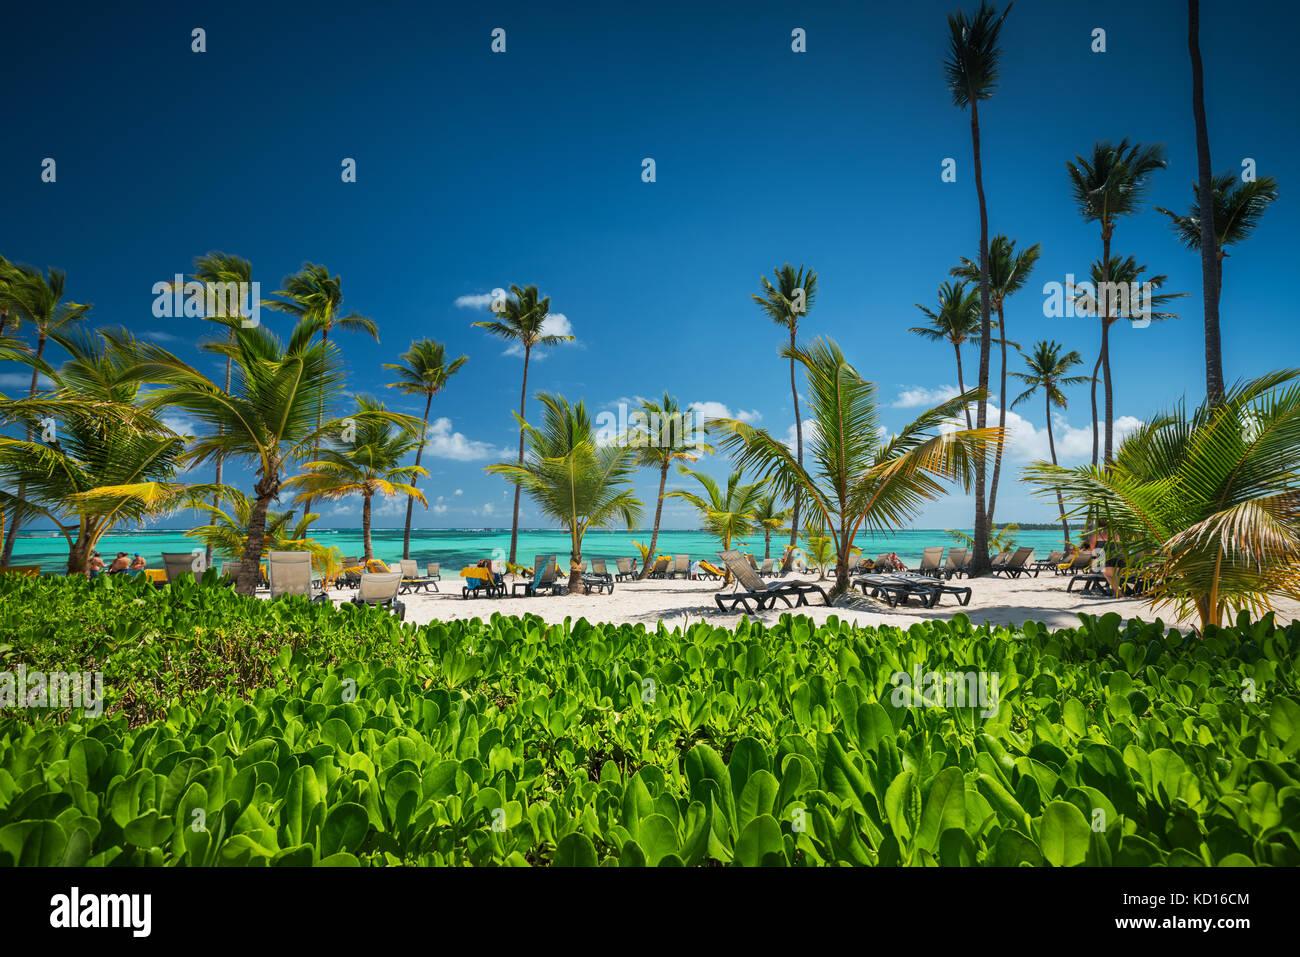 Palmera tropical en la playa Imagen De Stock